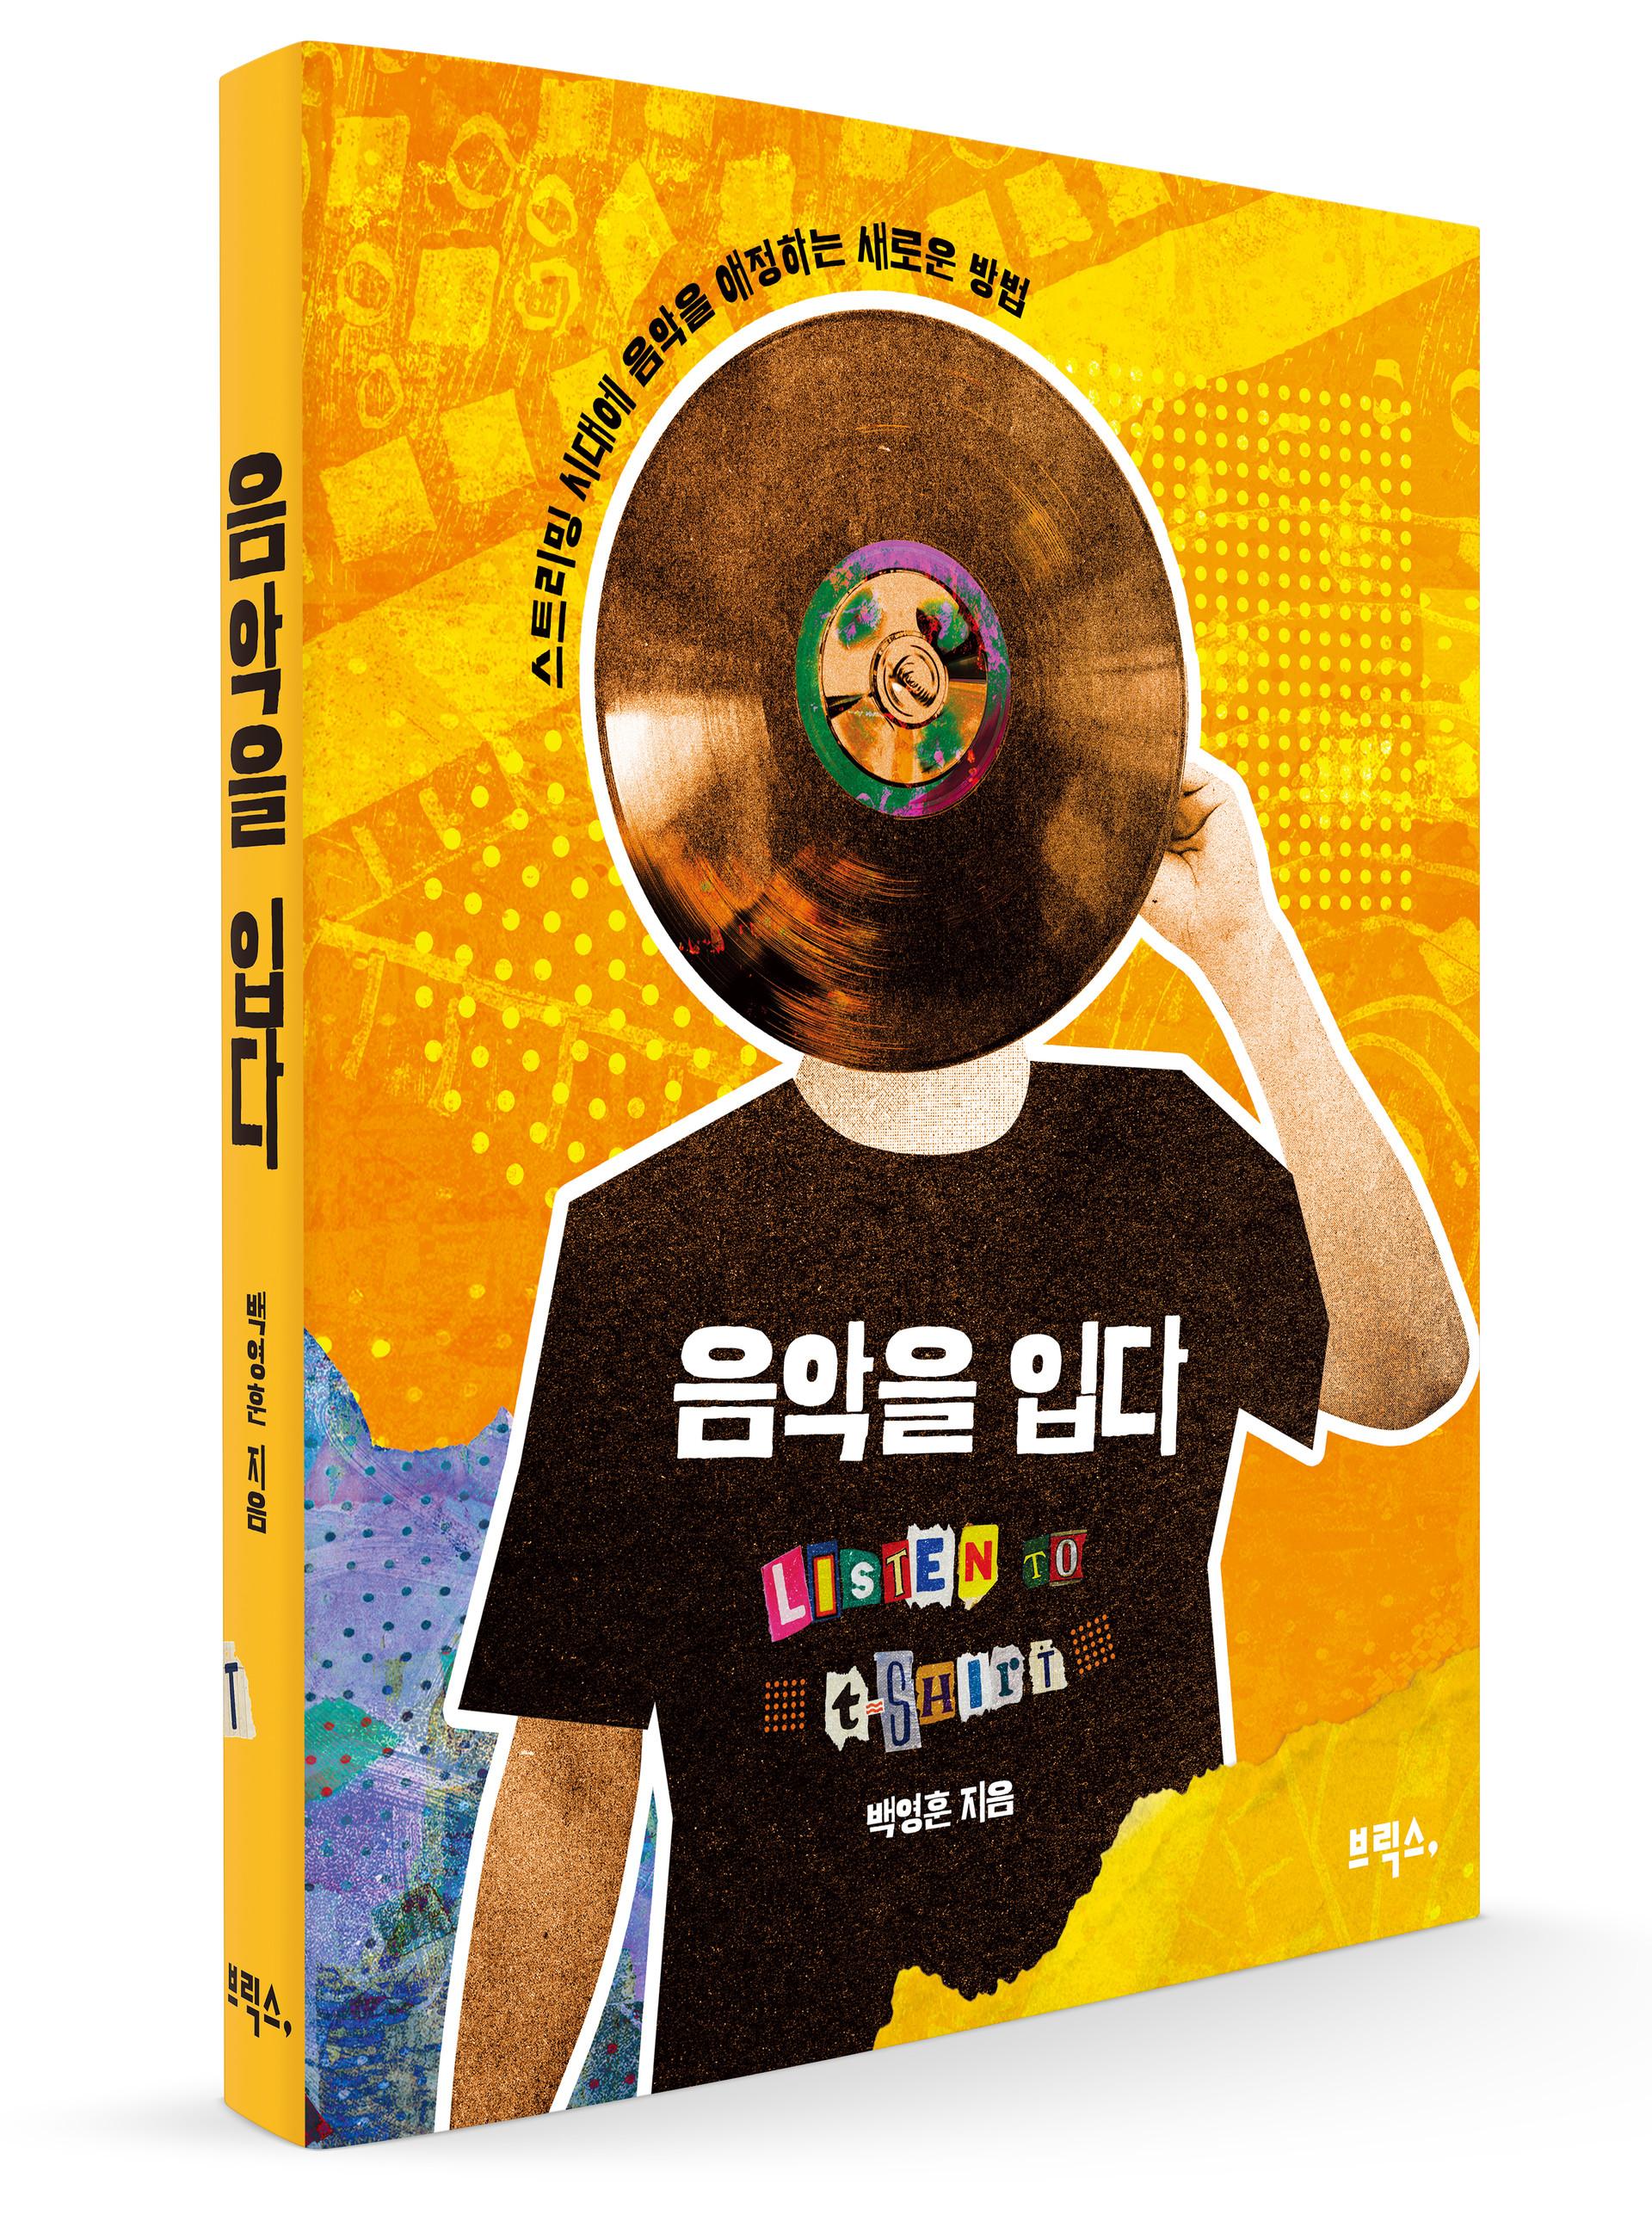 더 많은 뮤지션과 음악, 뮤직티셔츠를 책 『음악을 입다』에서 읽어보세요!